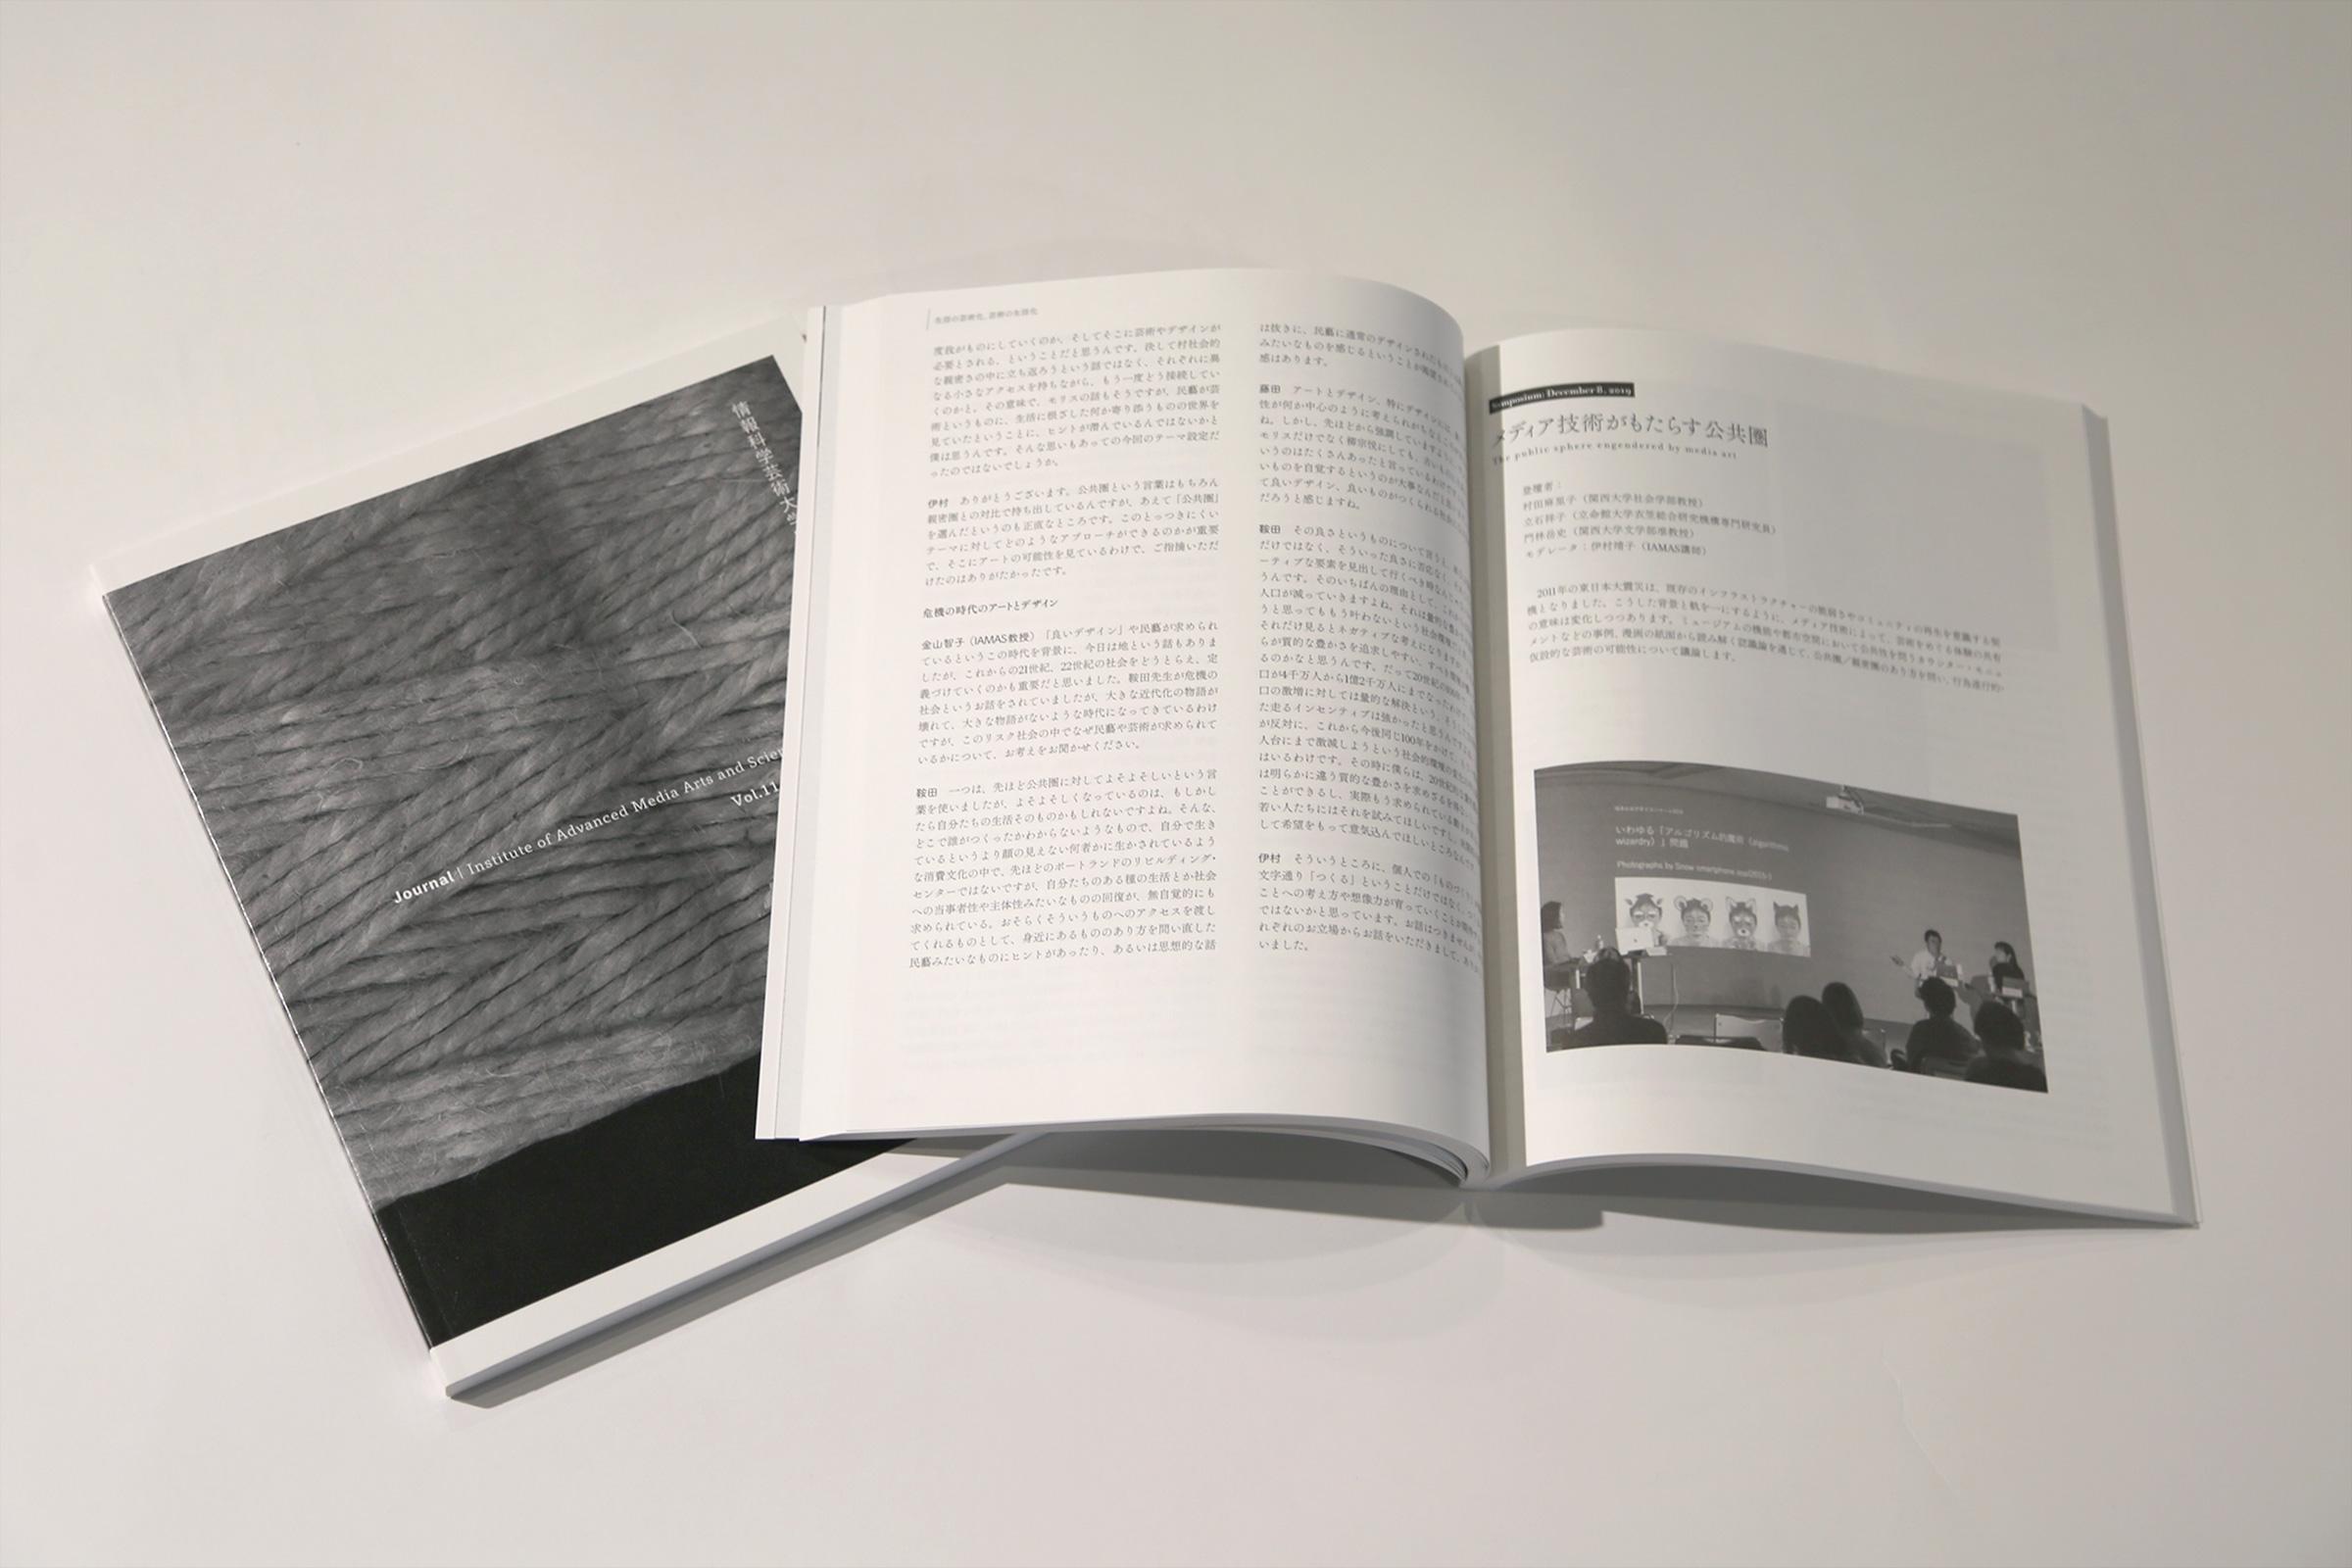 情報科学芸術大学院大学紀要 第11巻イメージ